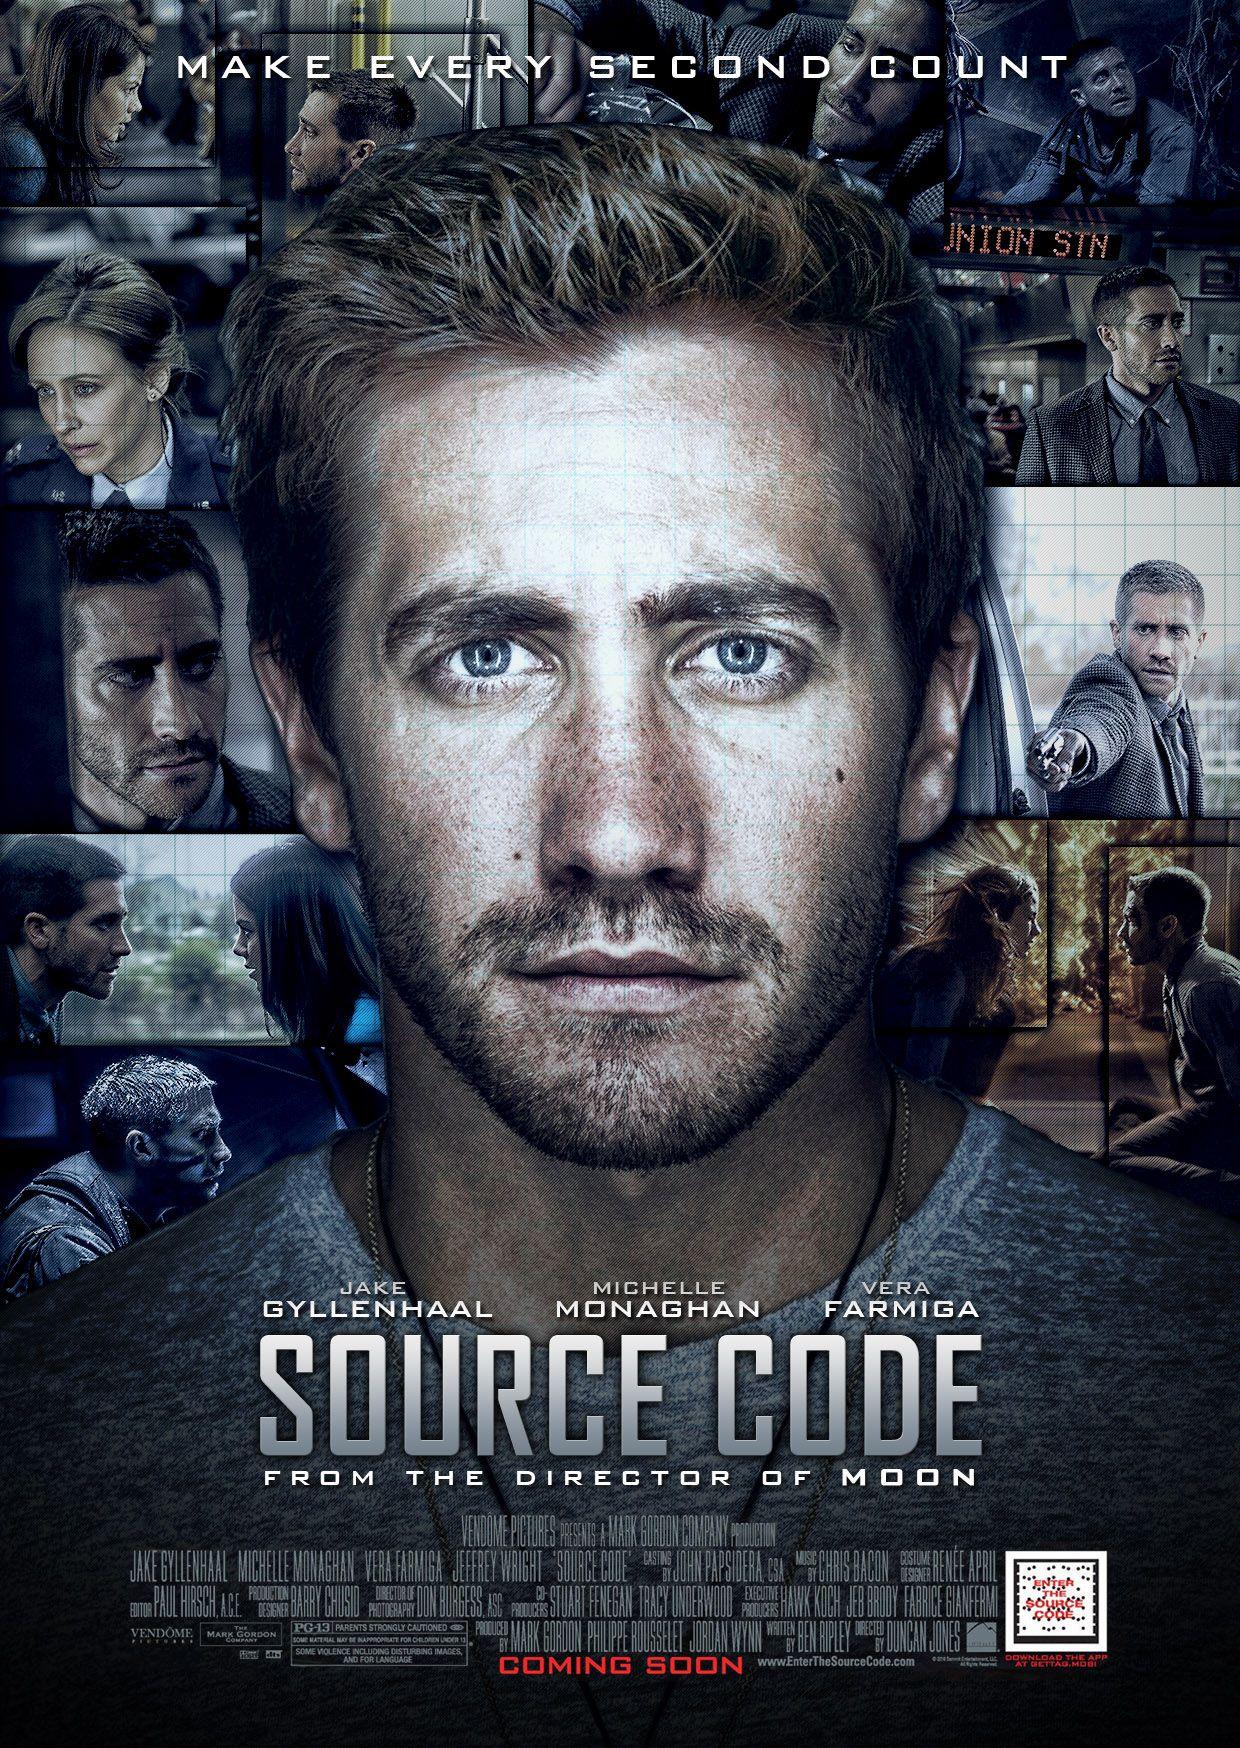 Great Movie Code Movie Jake Gyllenhaal Movies 2011 Movies